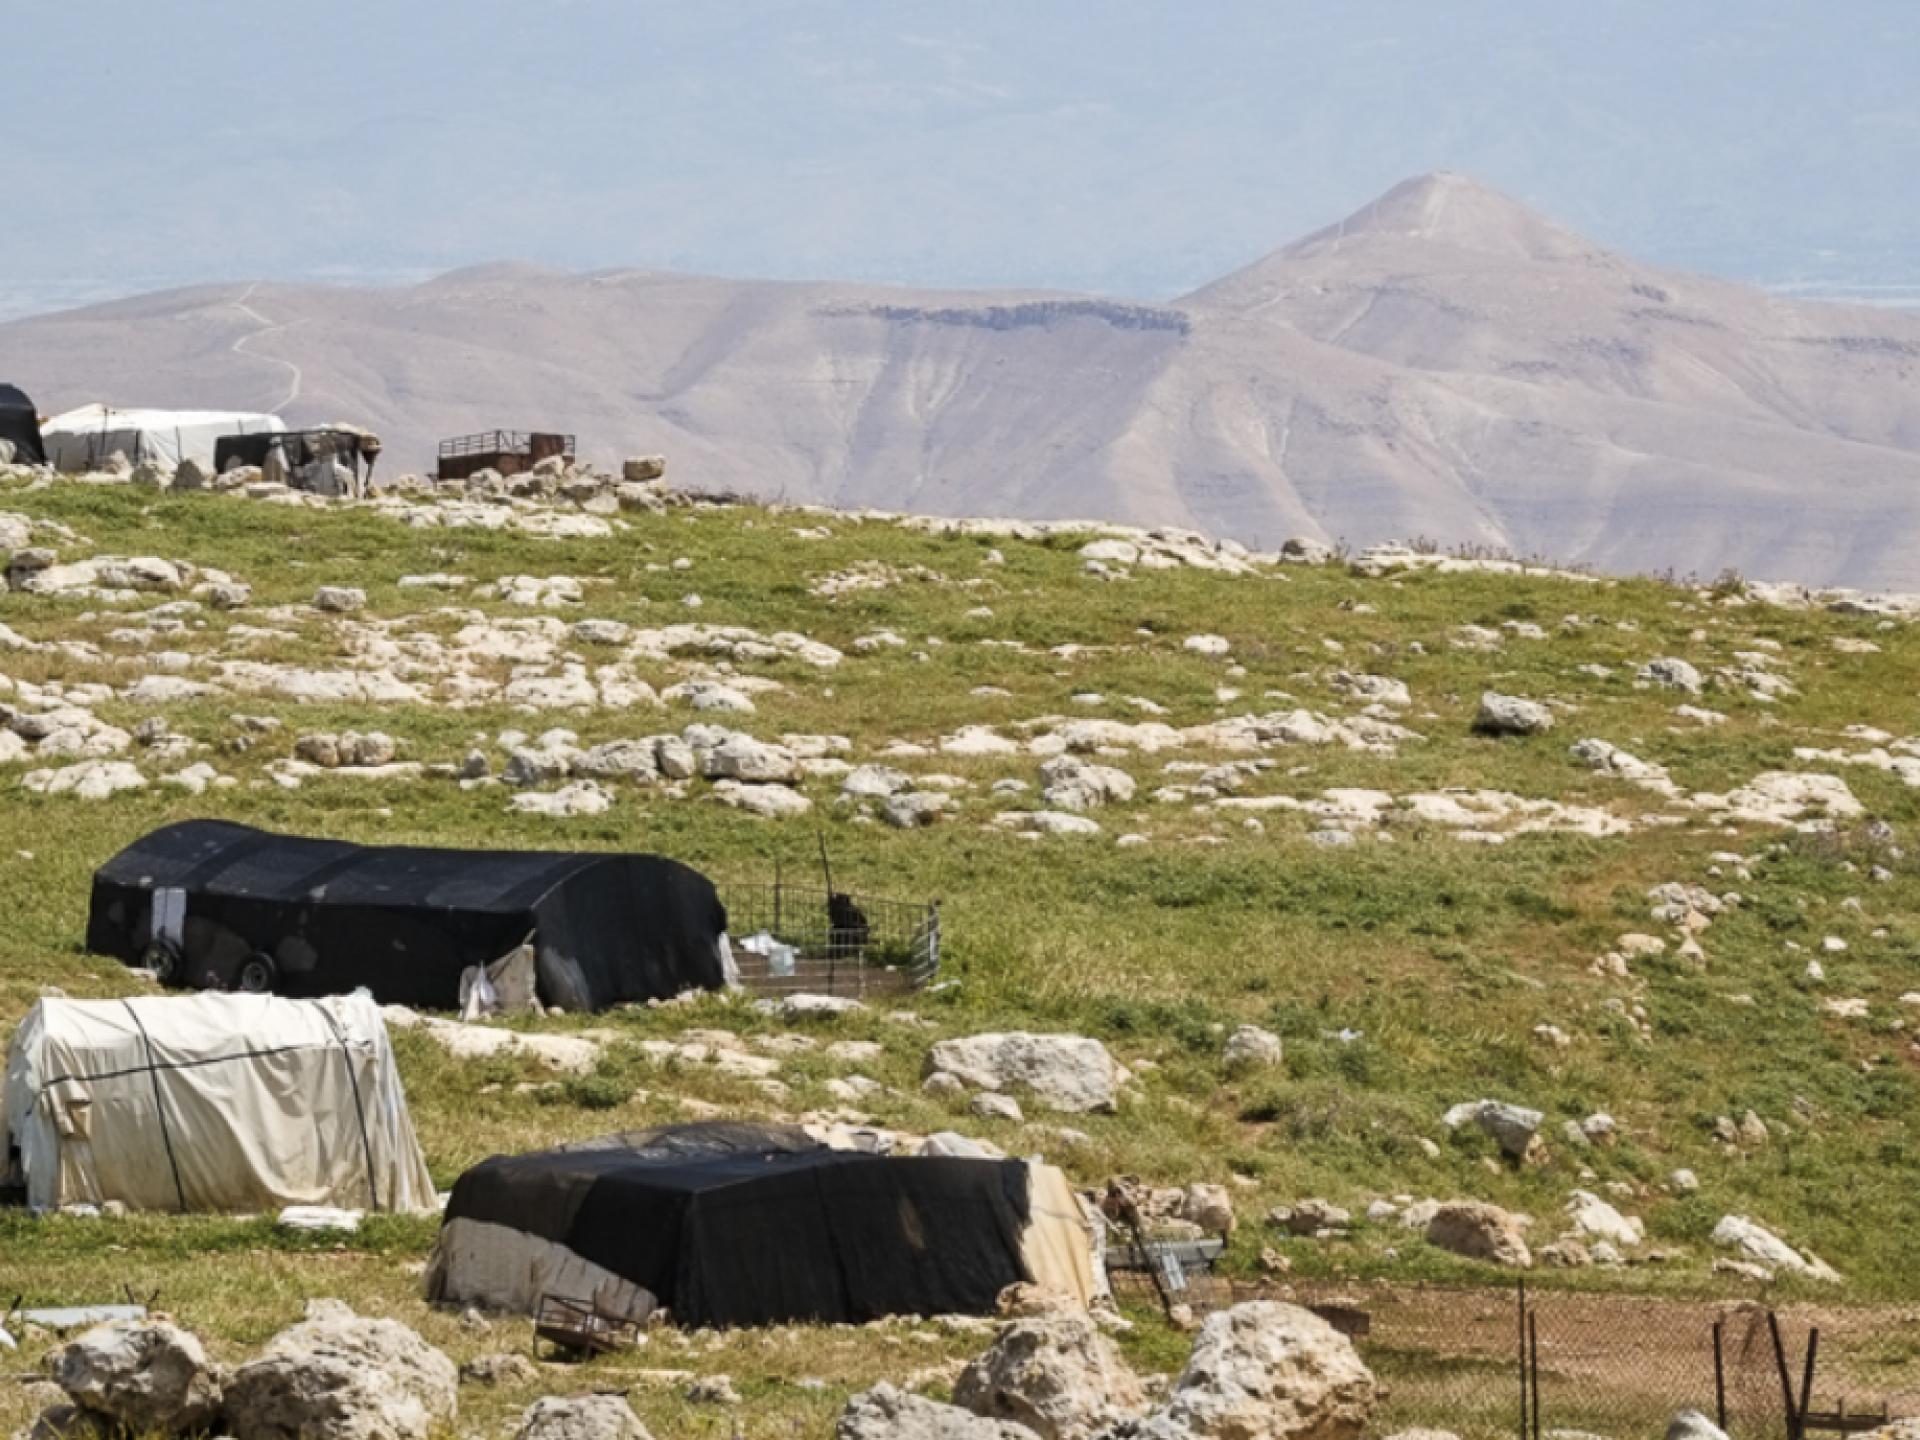 בקעת הירדן, רשאש: מבט לעבר המאהל הבדואי בעין רשאש, ברקע ההר הגבוה ביותר בבקעה, הסרטבּה